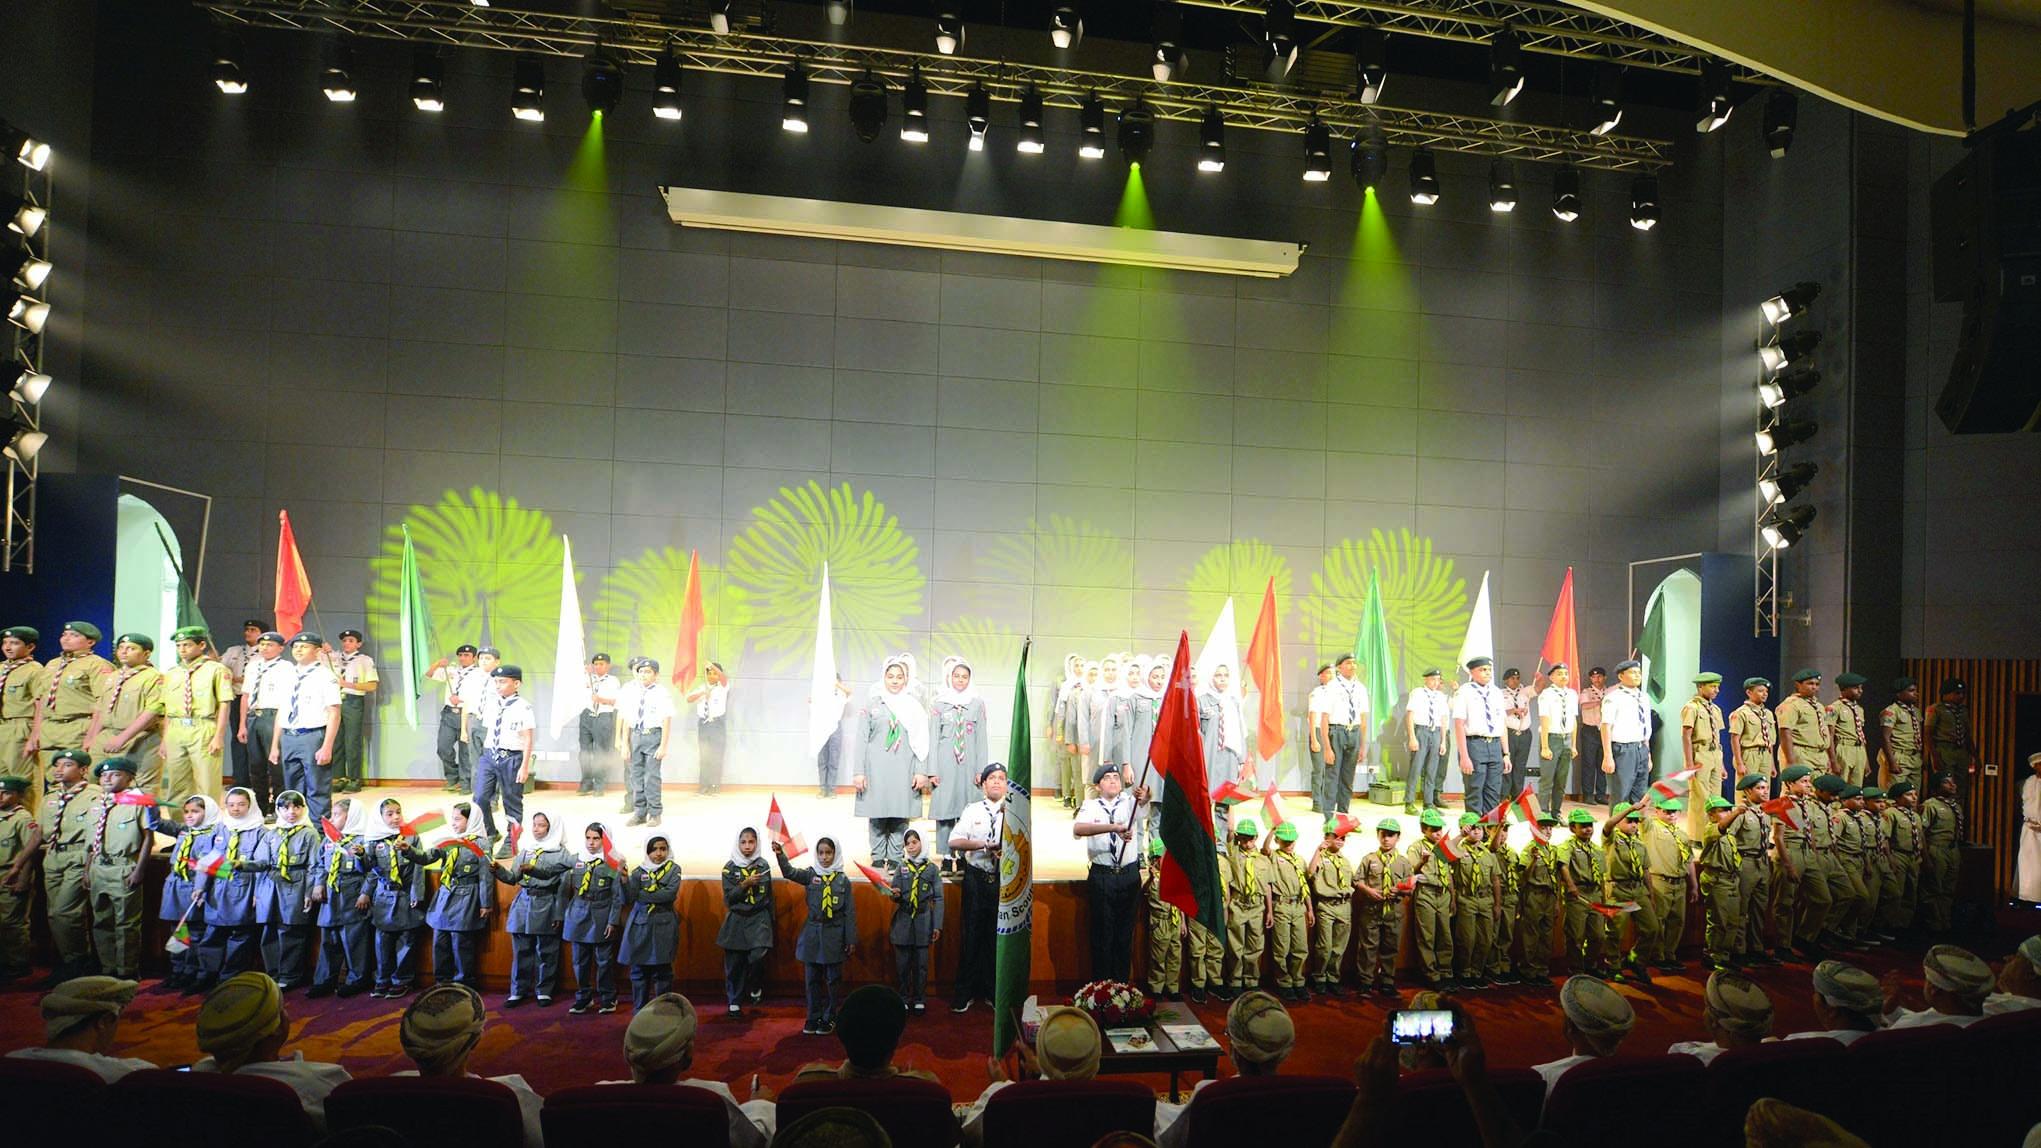 التربية والتعليم تحتفي بالذكرى السنوي الـ36 لتنصيب جلالته كشافا أعظم للسلطنة